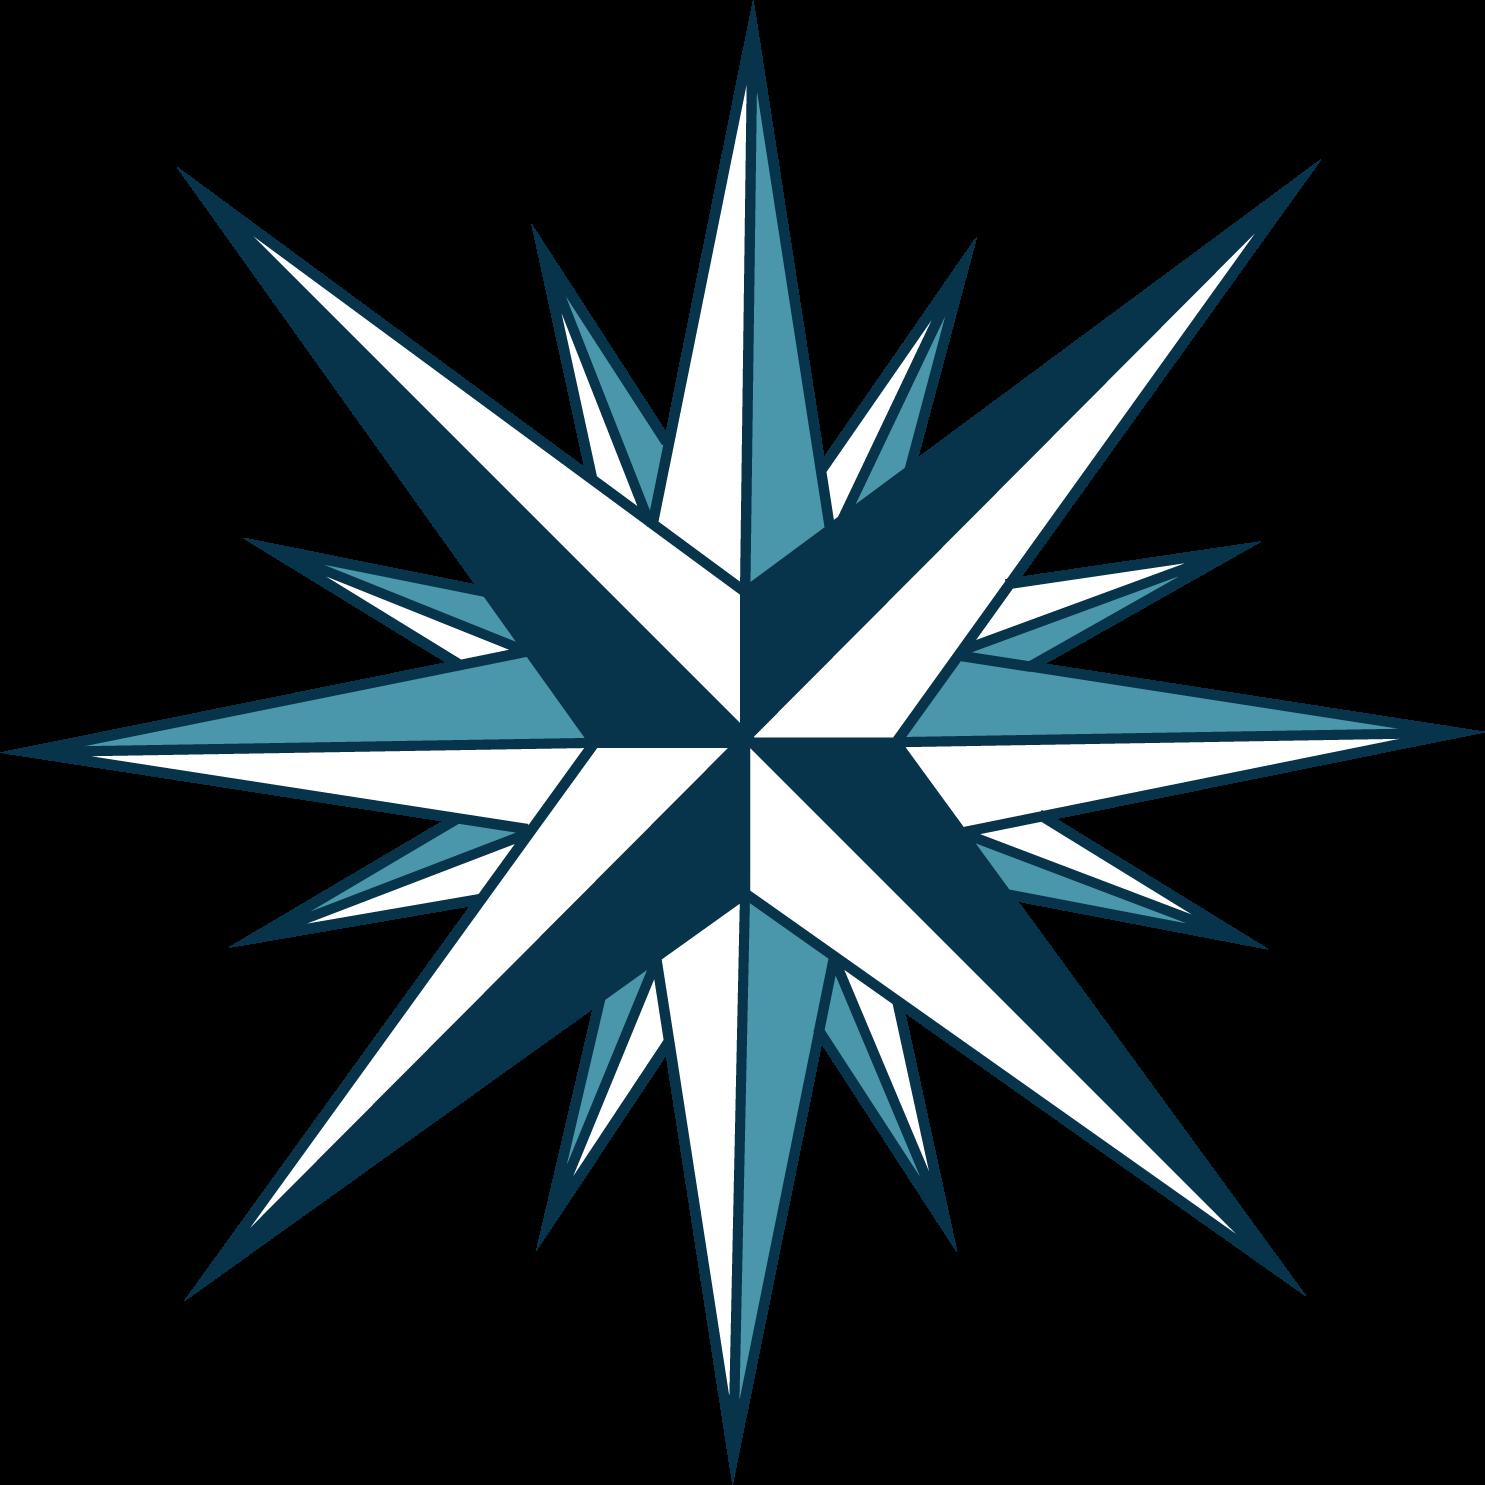 estrela boa